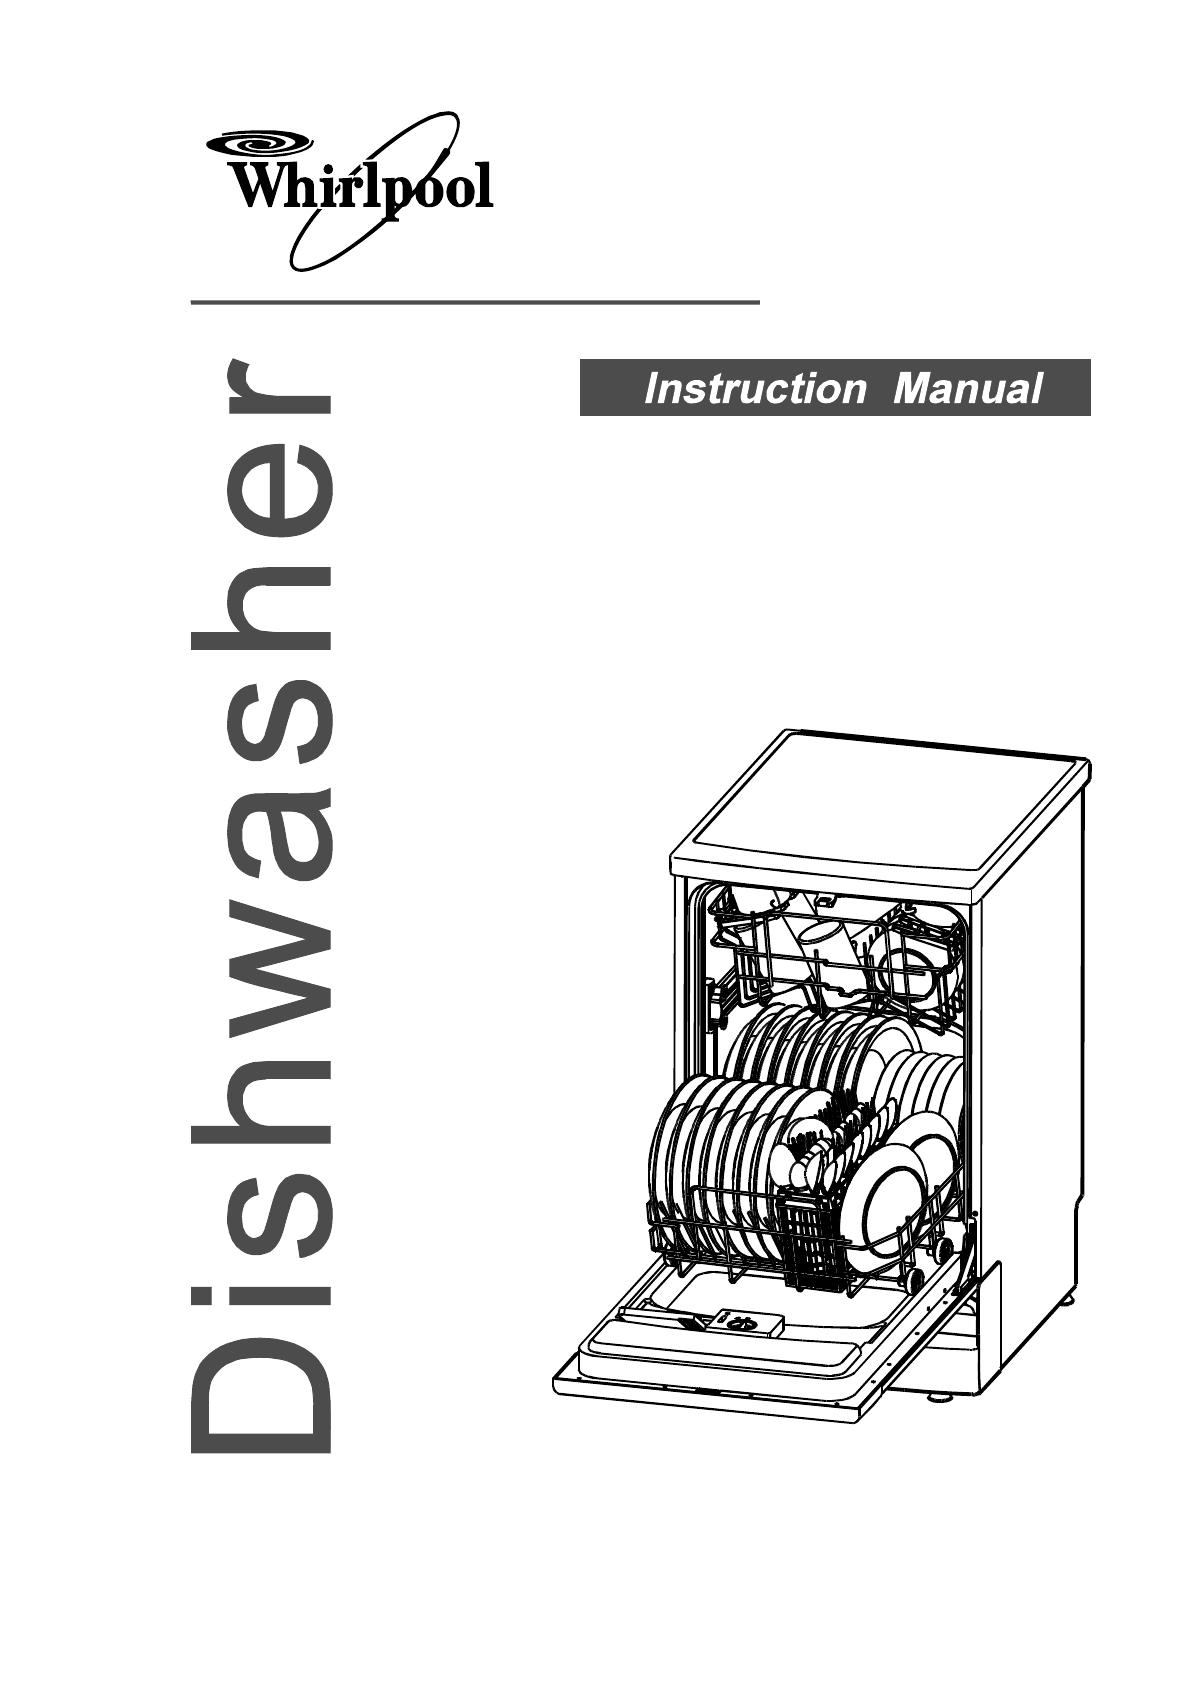 bedienungsanleitung whirlpool adp 750 w (seite 1 von 23  ~ Geschirrspülmaschine Englisch